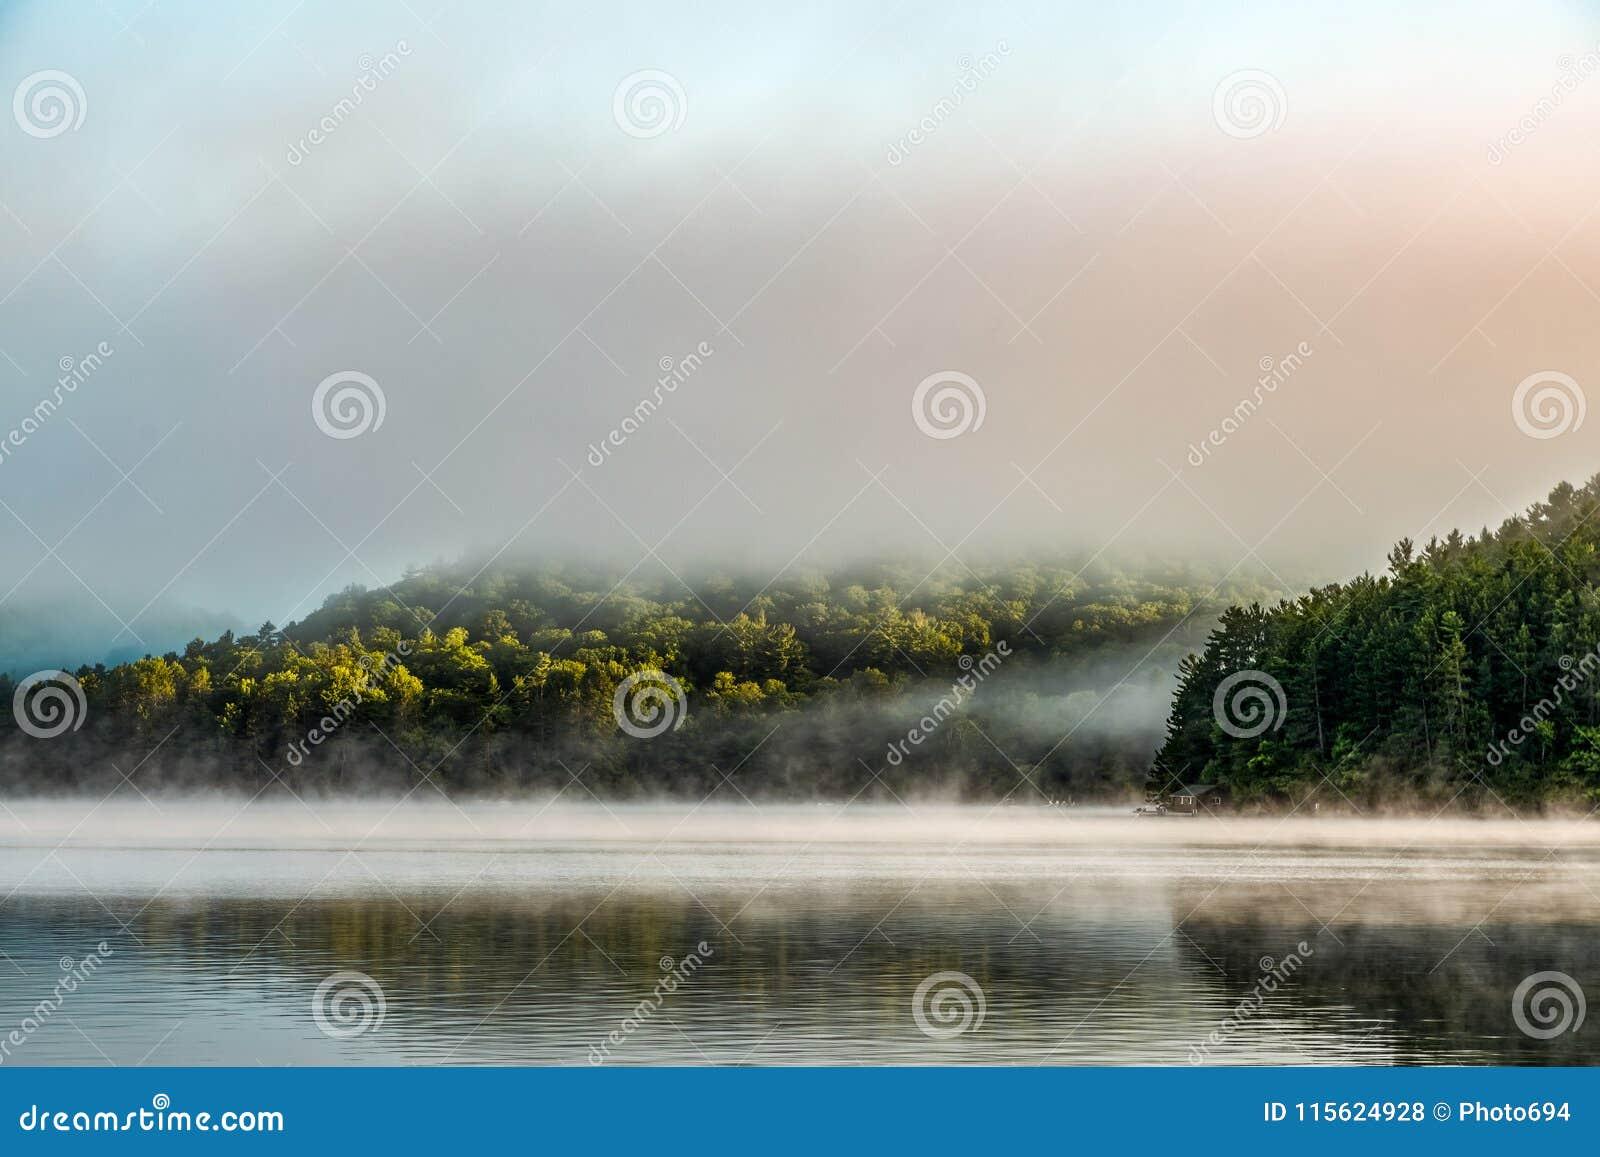 Η υδρονέφωση ξημερωμάτων ανασηκώνει μια μικρή, αντανακλαστική λίμνη